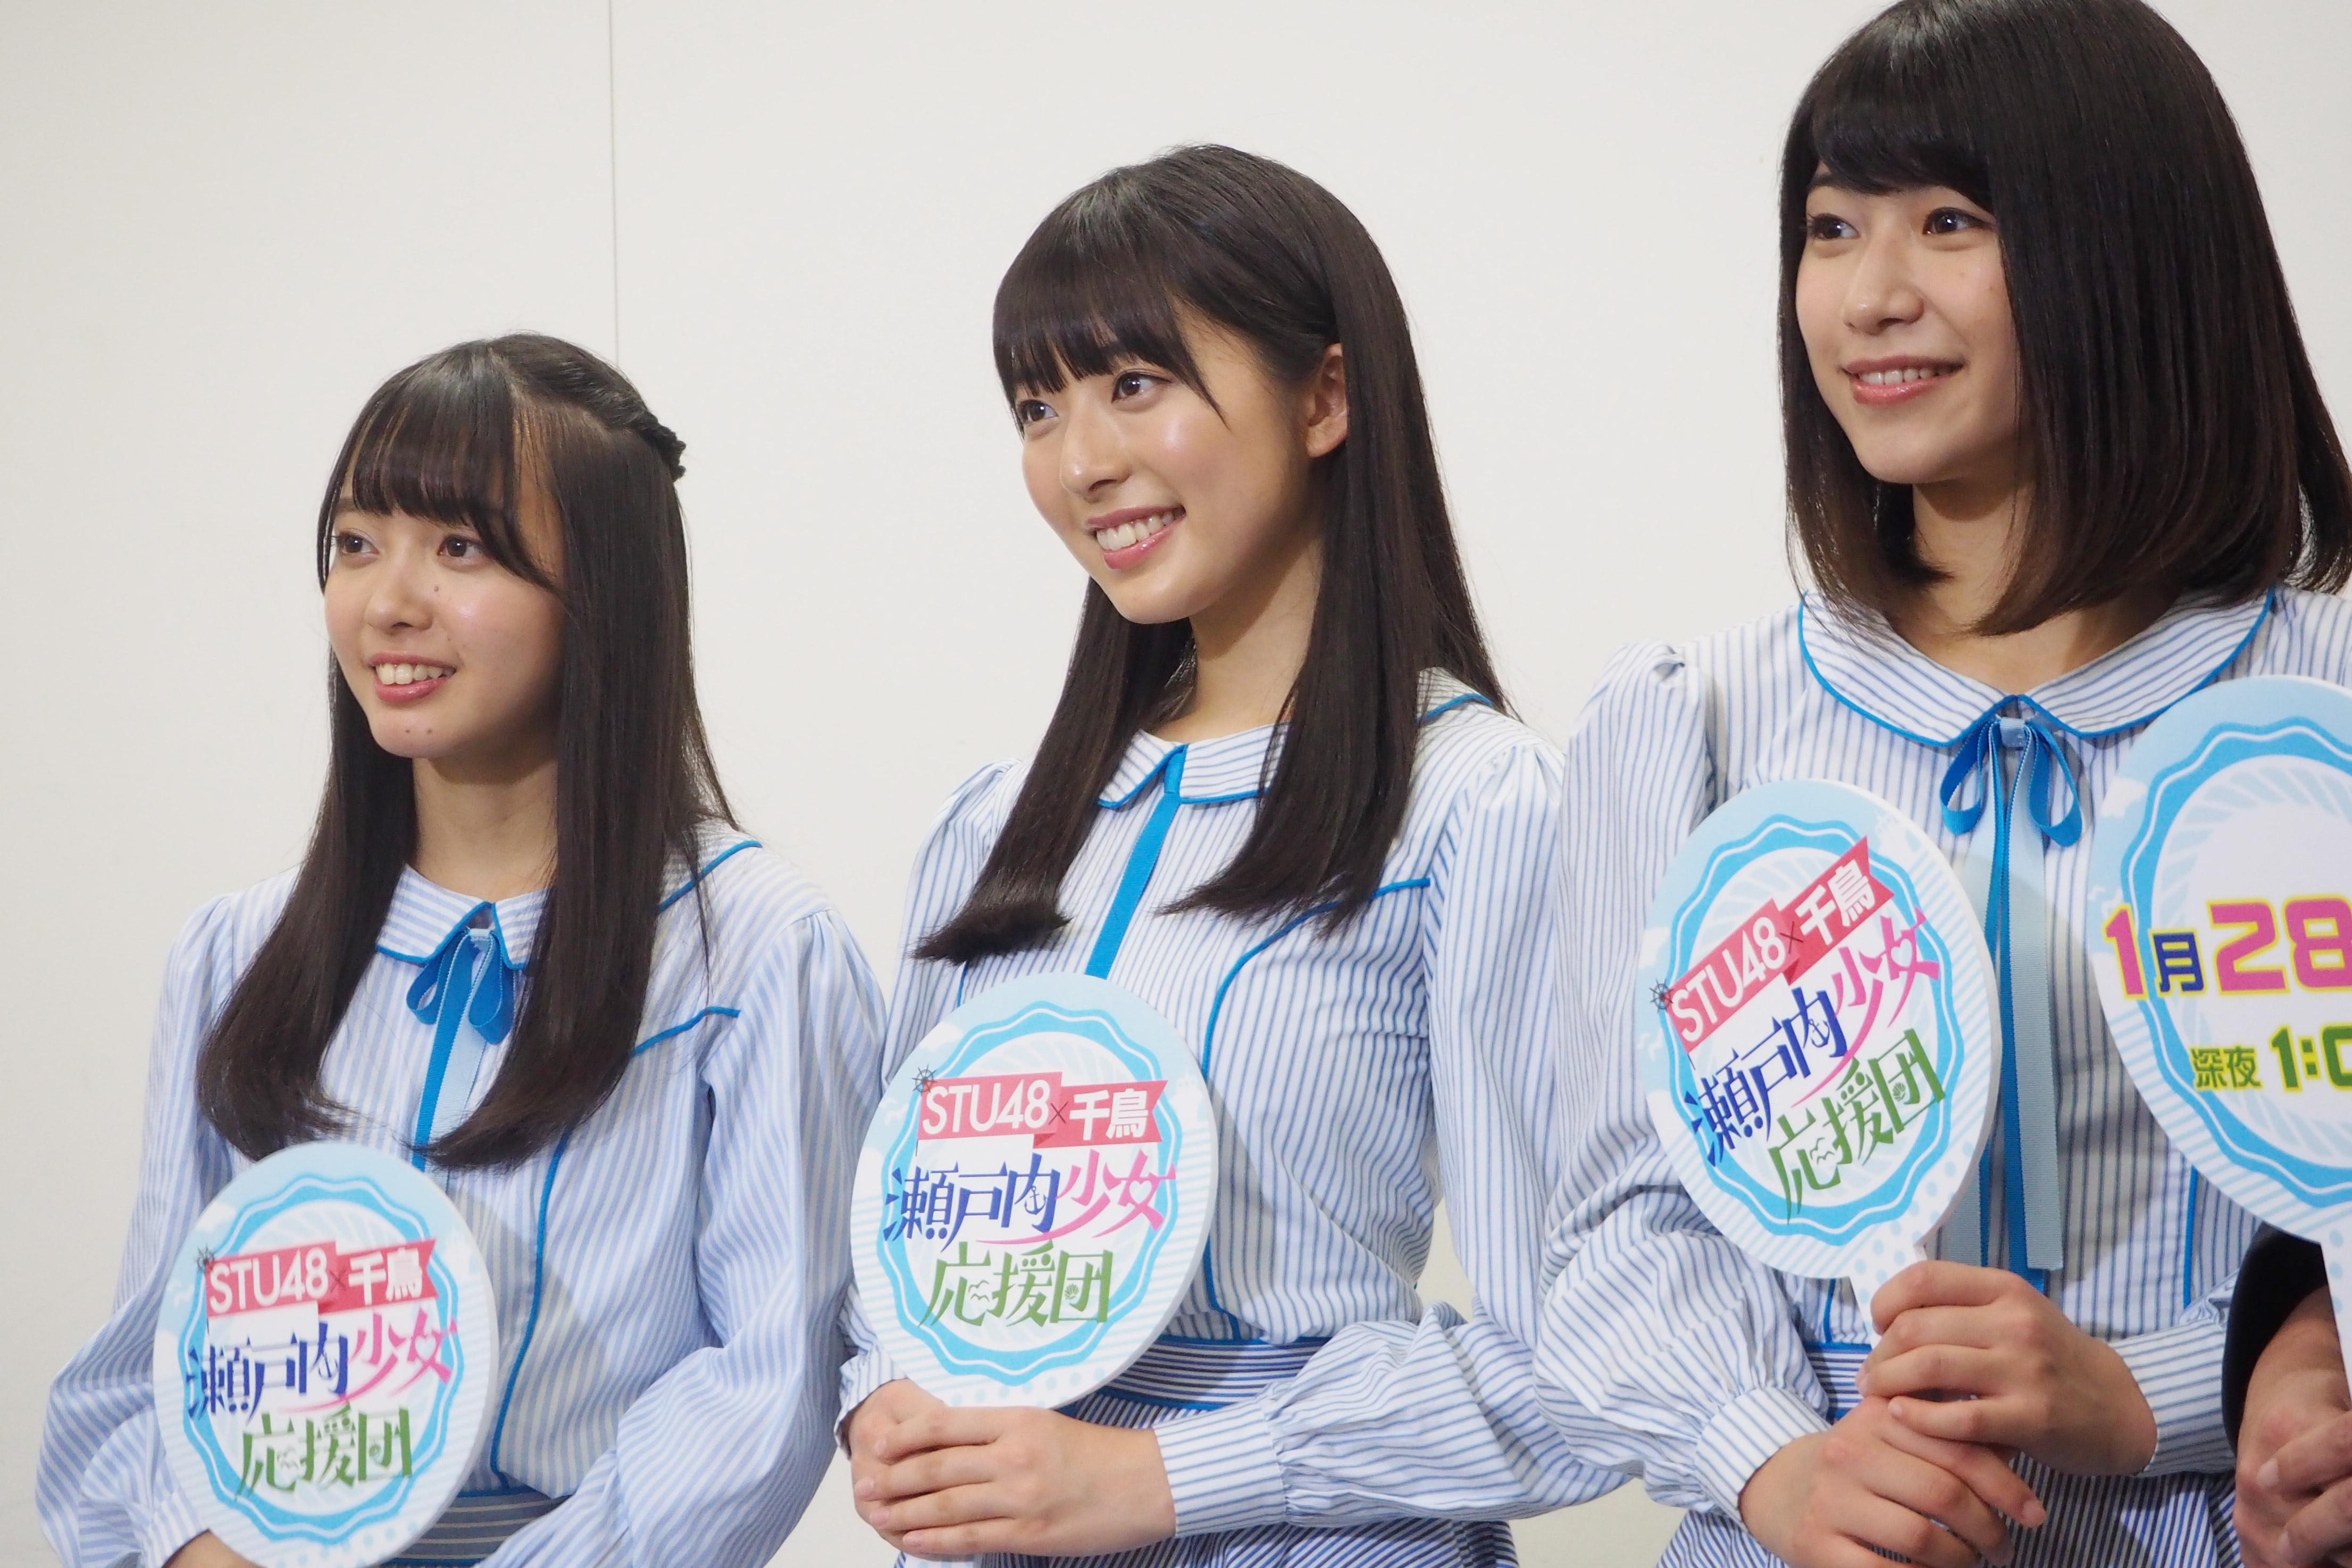 左から、STU48の石田みなみ、今村美月、藤原あずさ